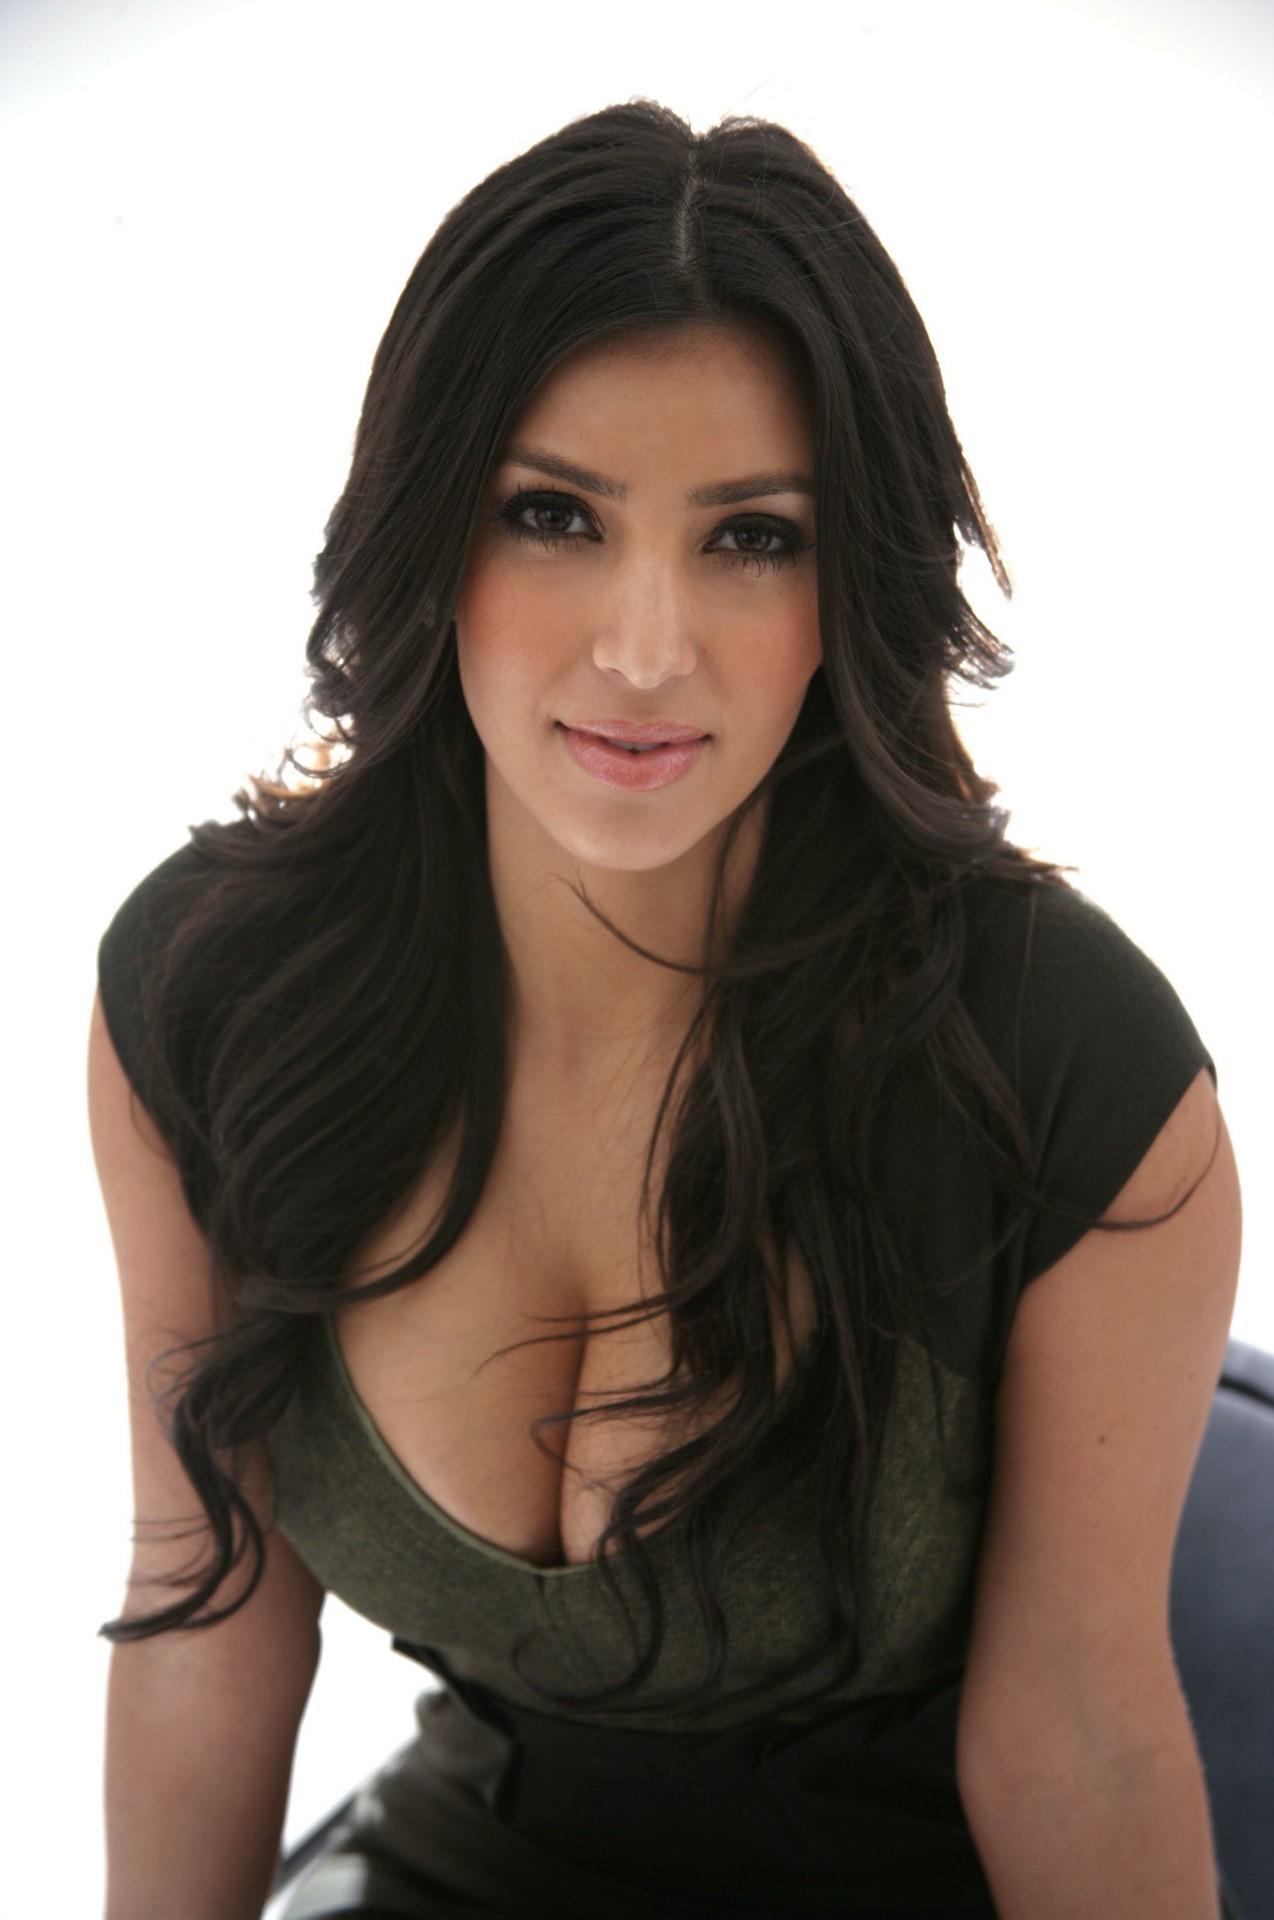 kim-kardashian-hot-images-pictures-